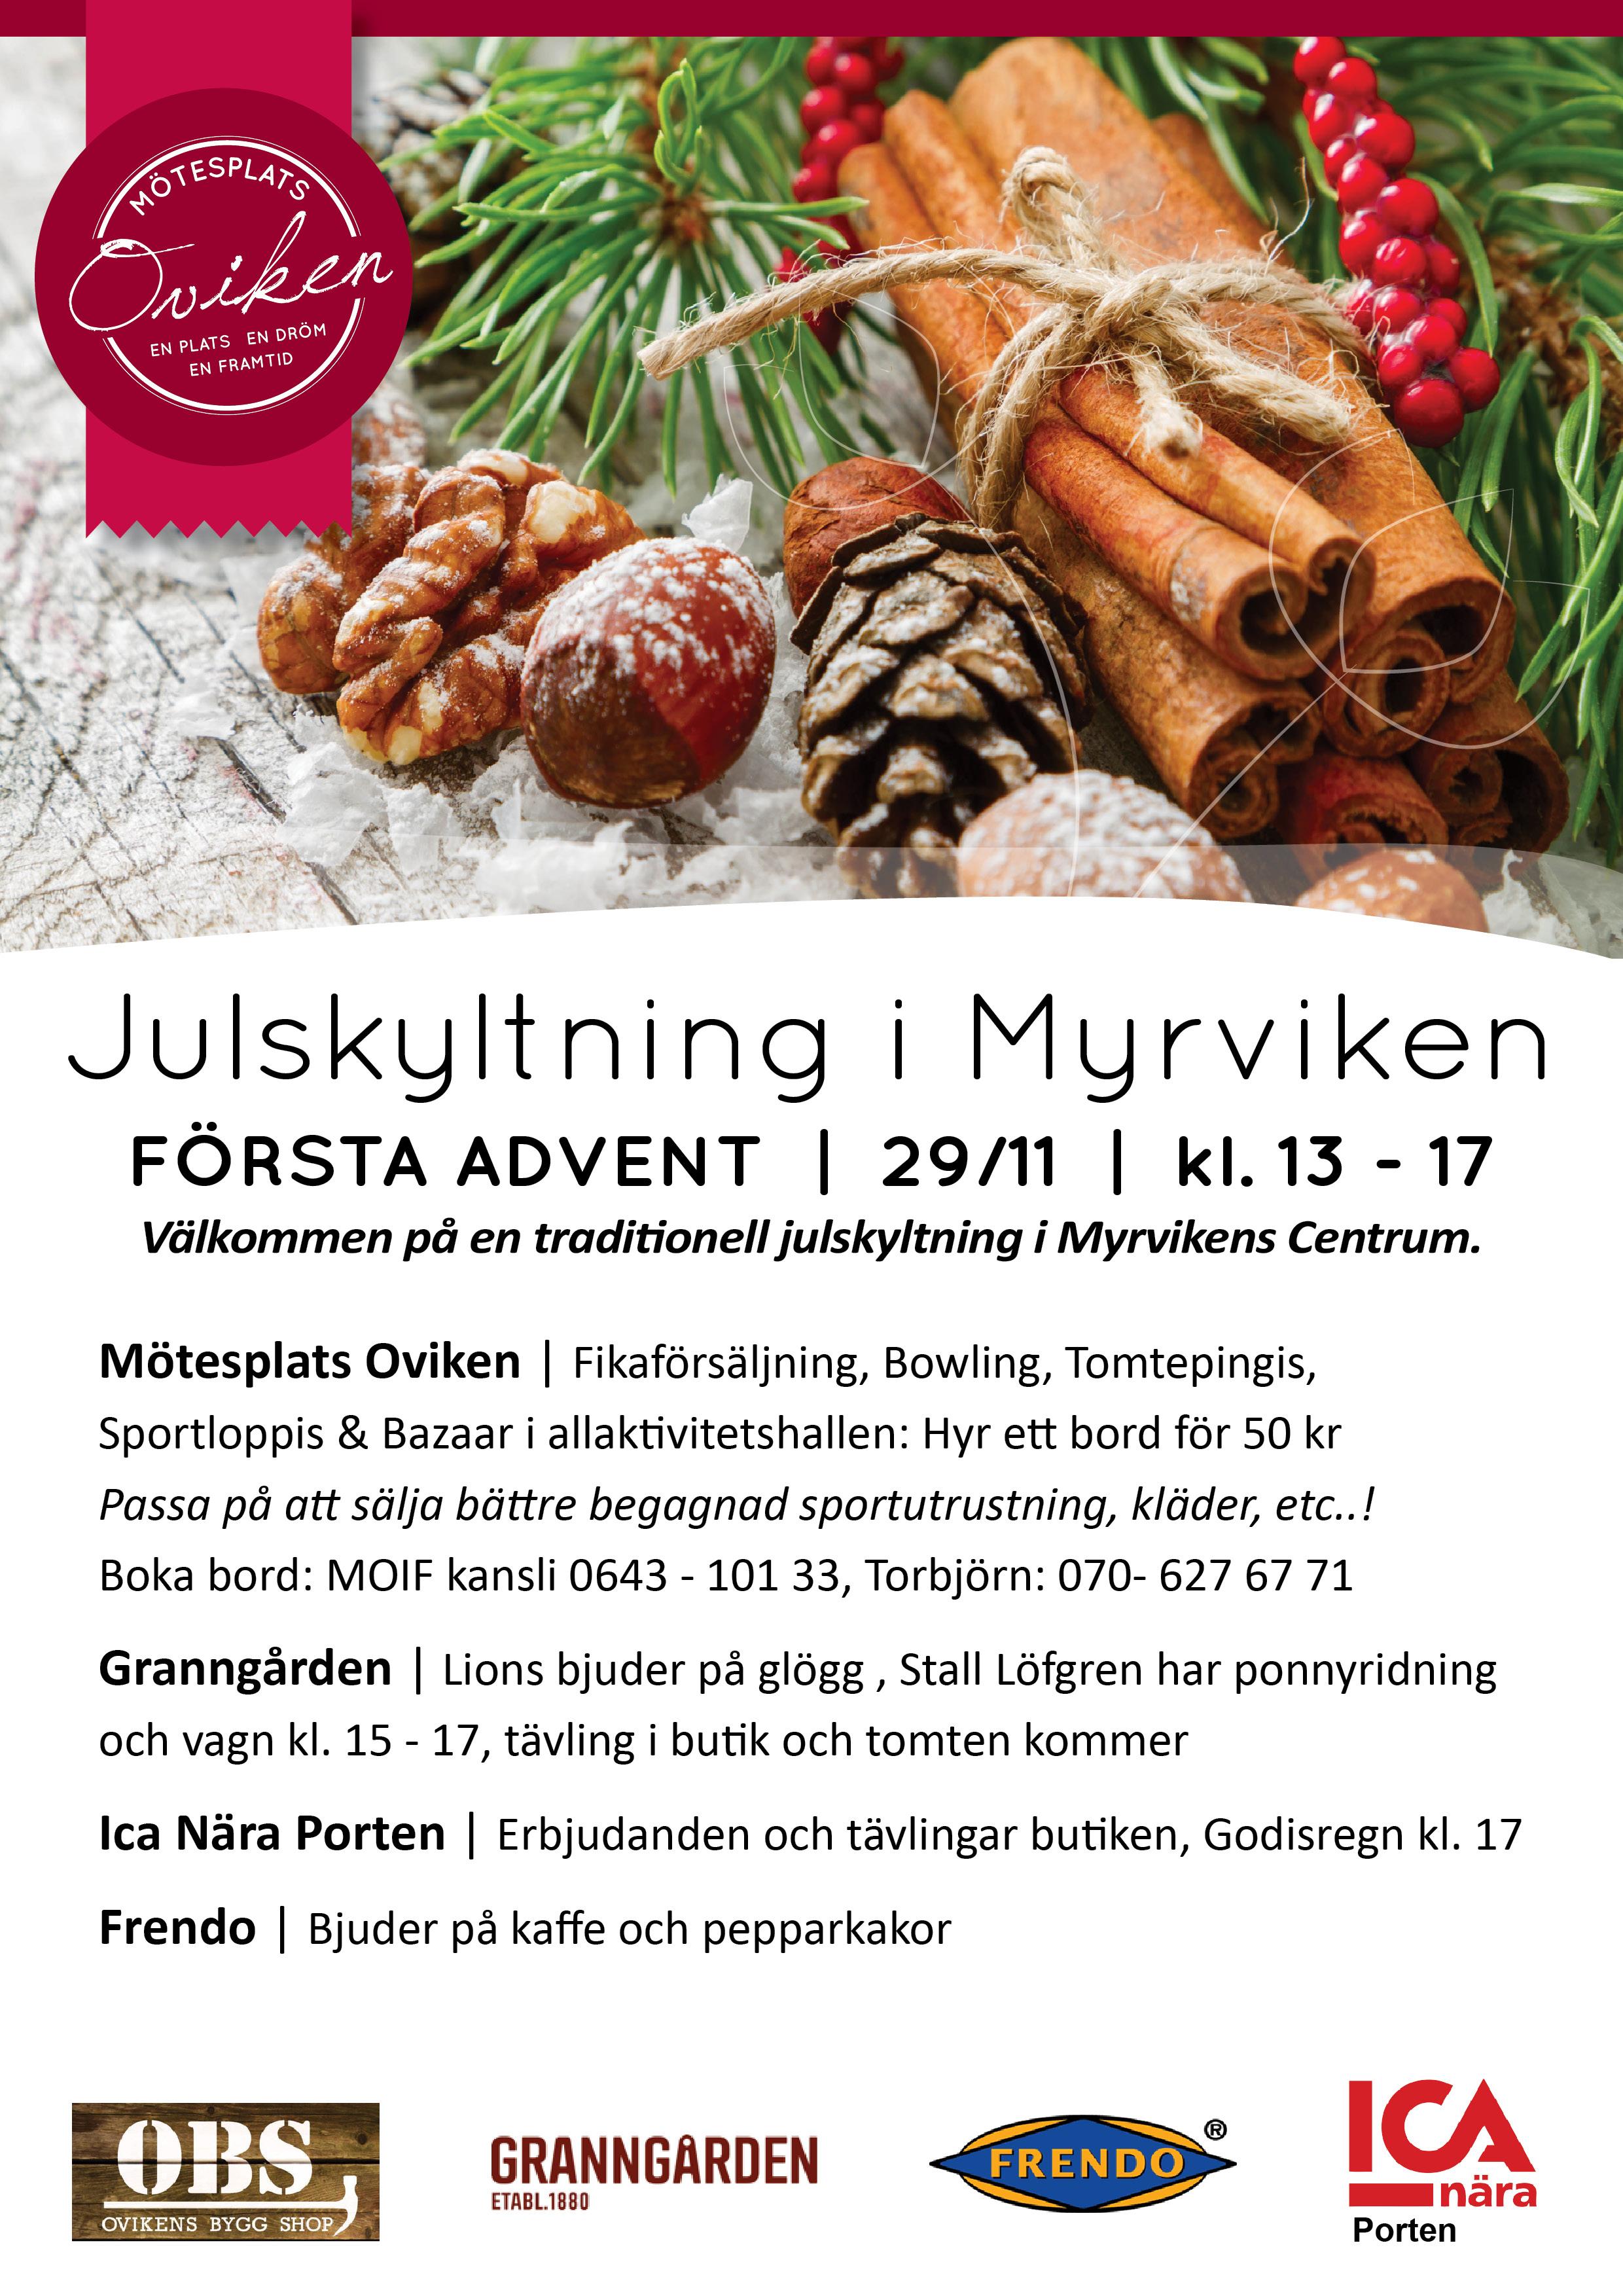 Julskyltning i Myrvikens Centrum